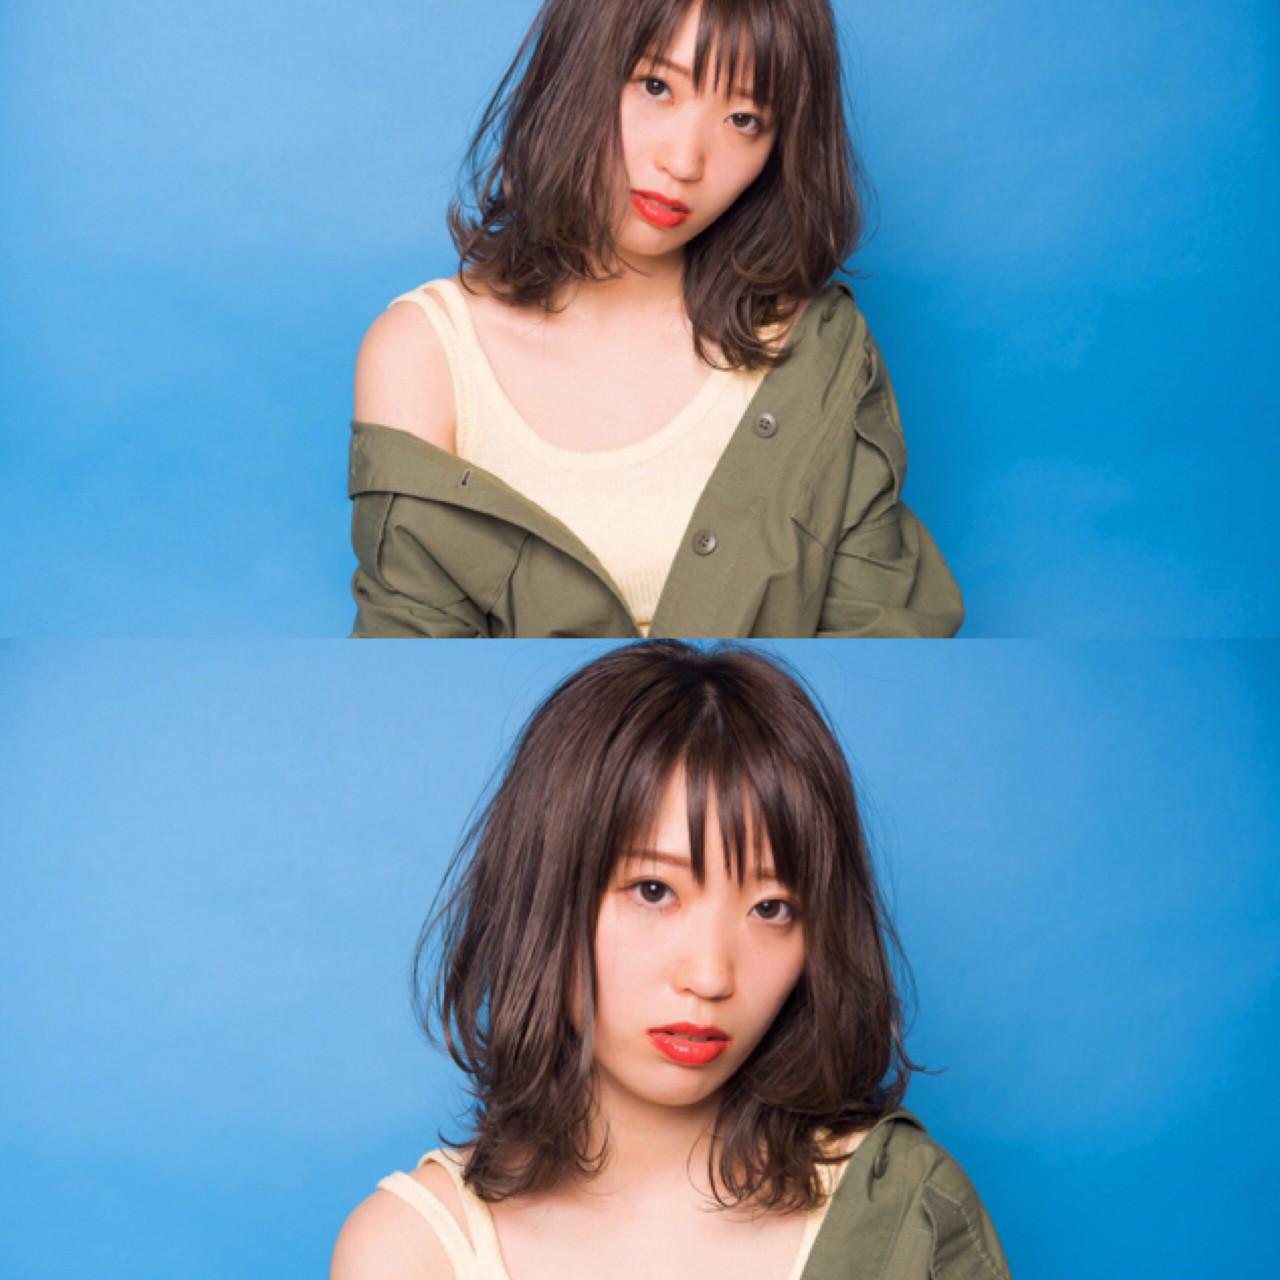 ミディアム シースルーバング イルミナカラー レイヤーカット ヘアスタイルや髪型の写真・画像 | 宮本英里香 /